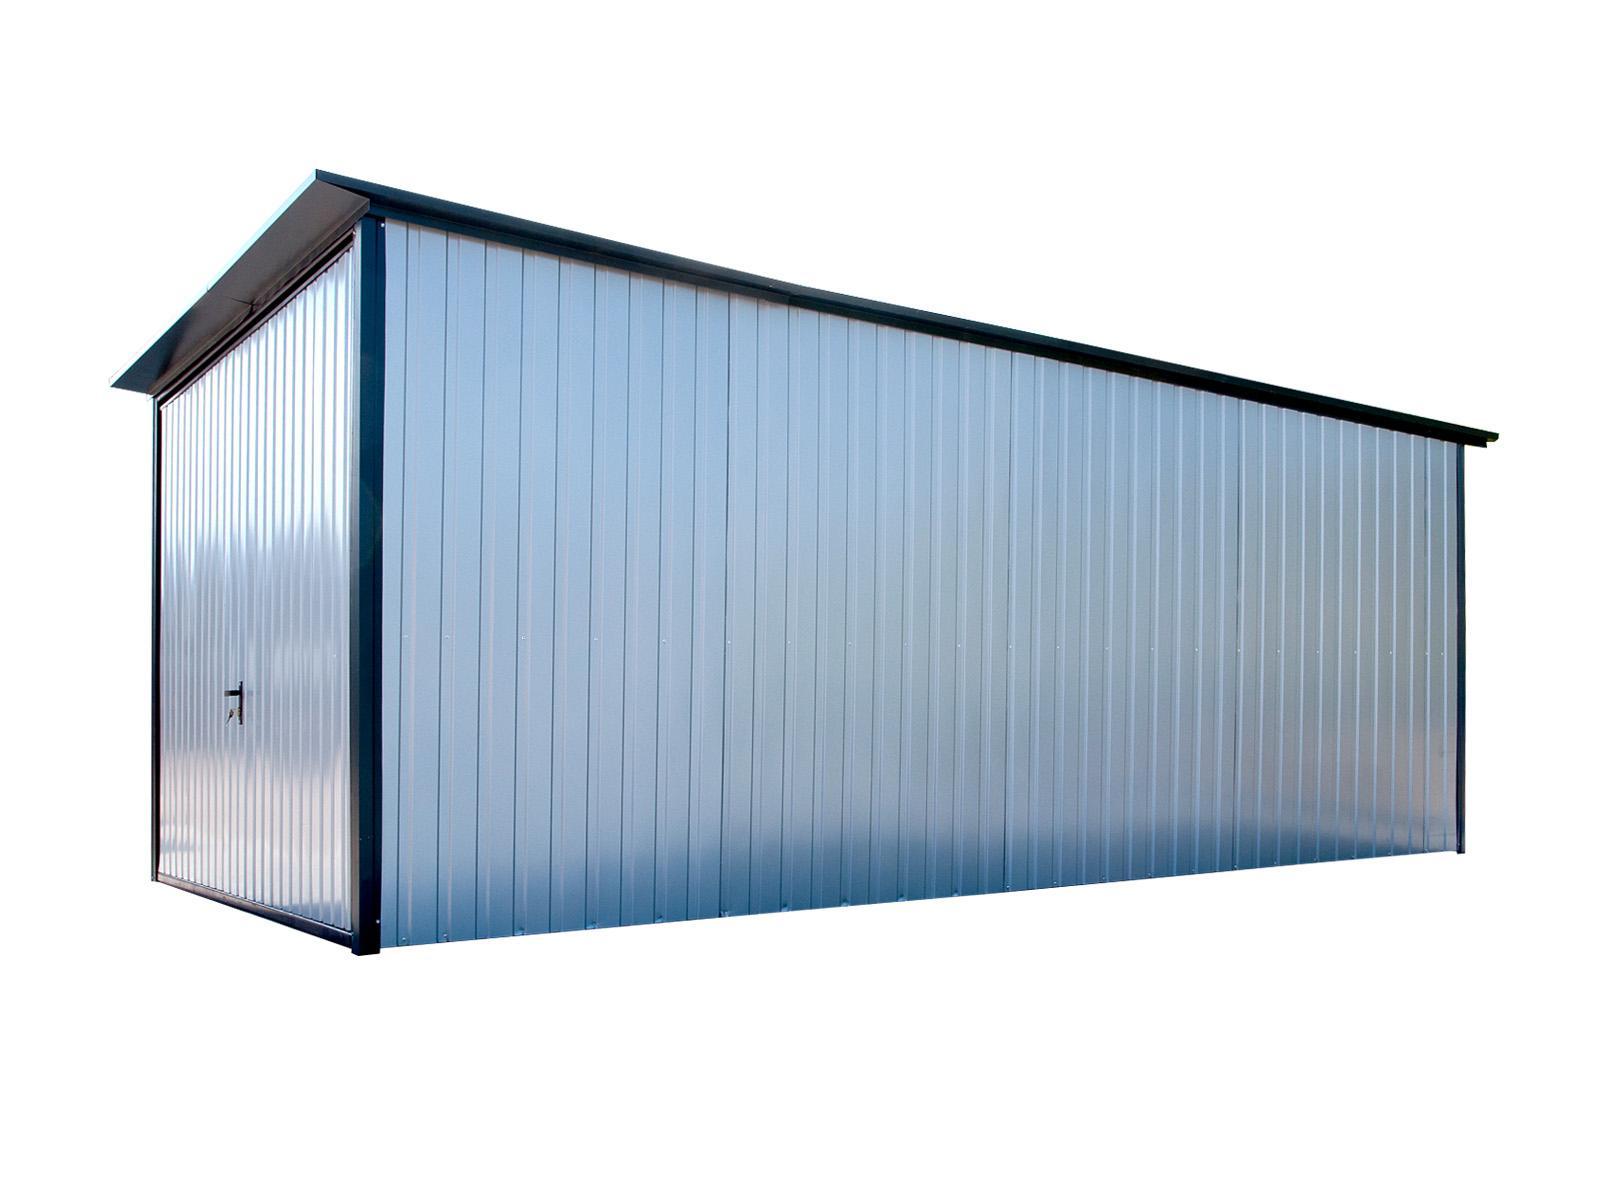 Garaż Blaszak Stalowy Mocny Ocynk 3x5 2x3 4x6 5x5 7348444838